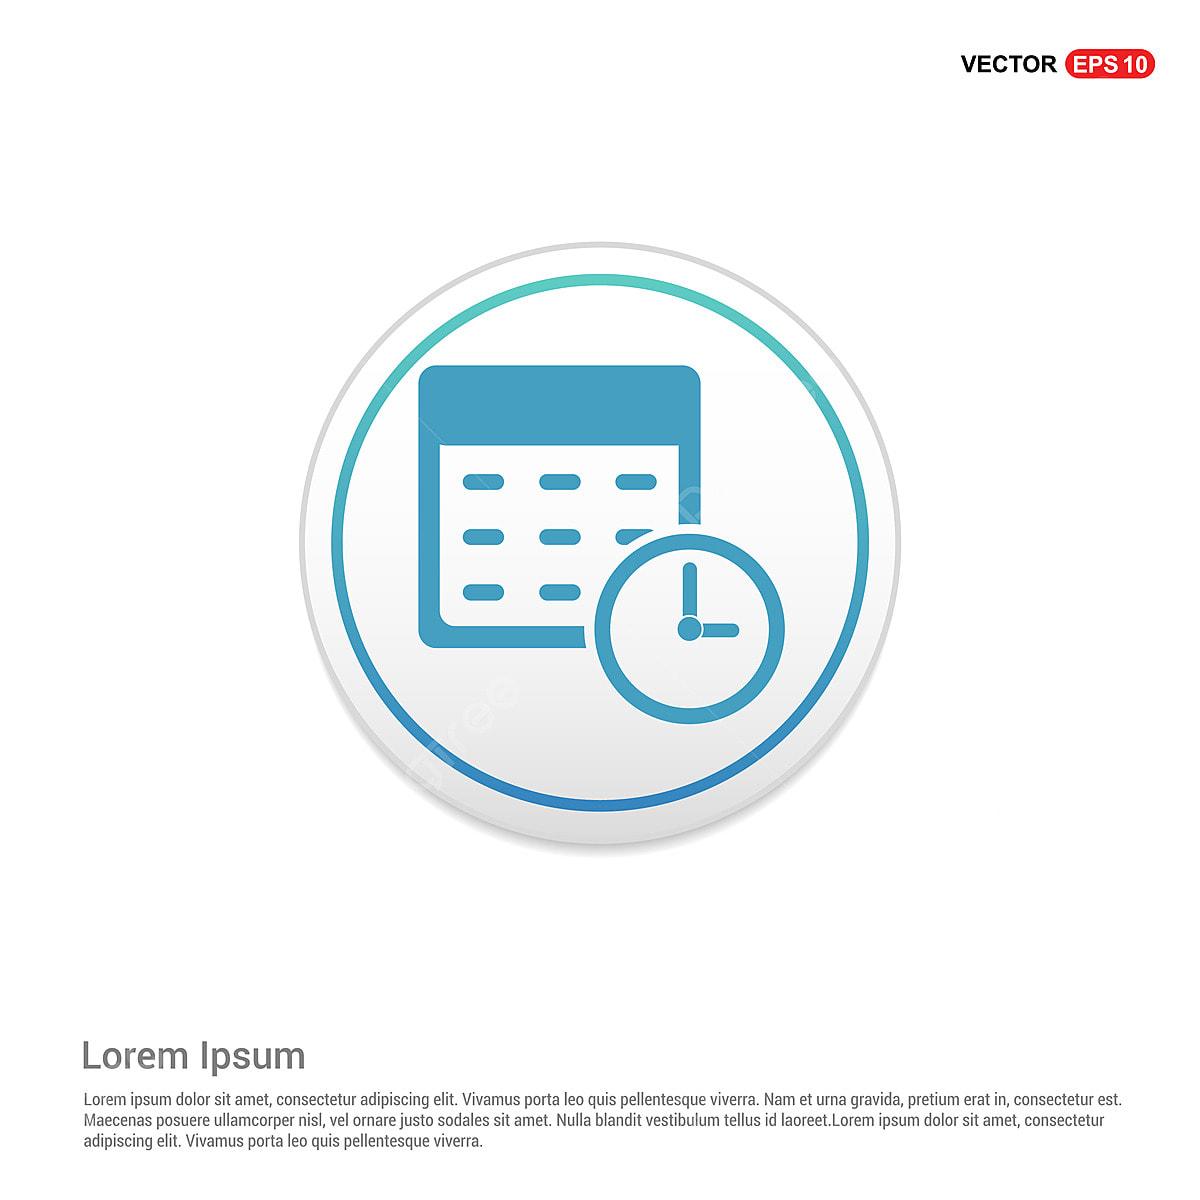 Calendario Vector Blanco.Icono De Calendario Circulo Blanco Boton Antecedentes